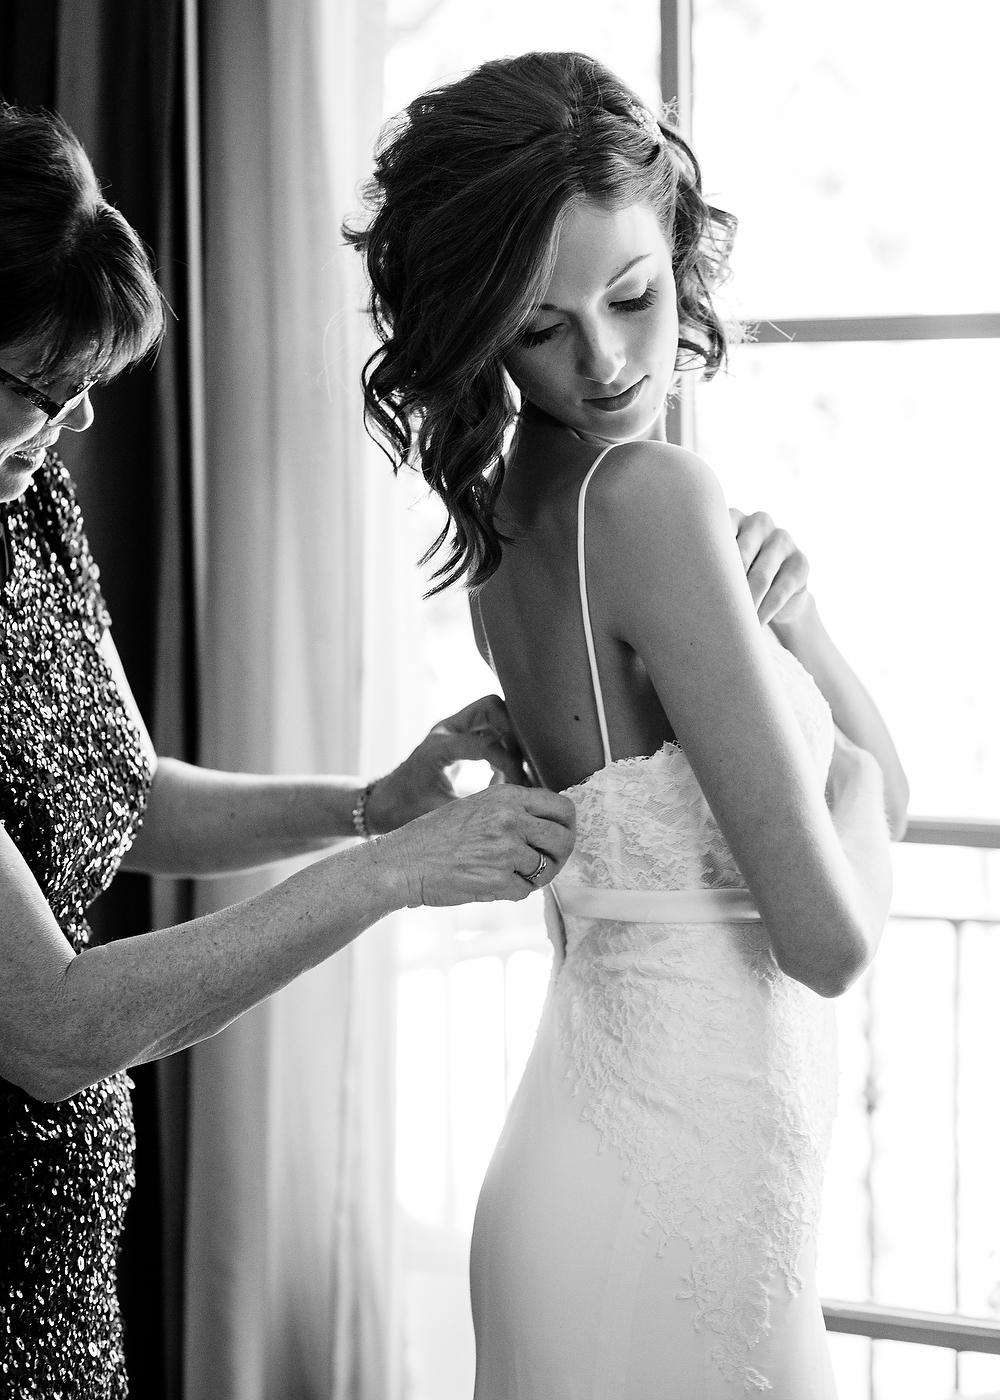 San Francisco Bay Area Wedding Photographer Regale Los Gatos 0015.JPG